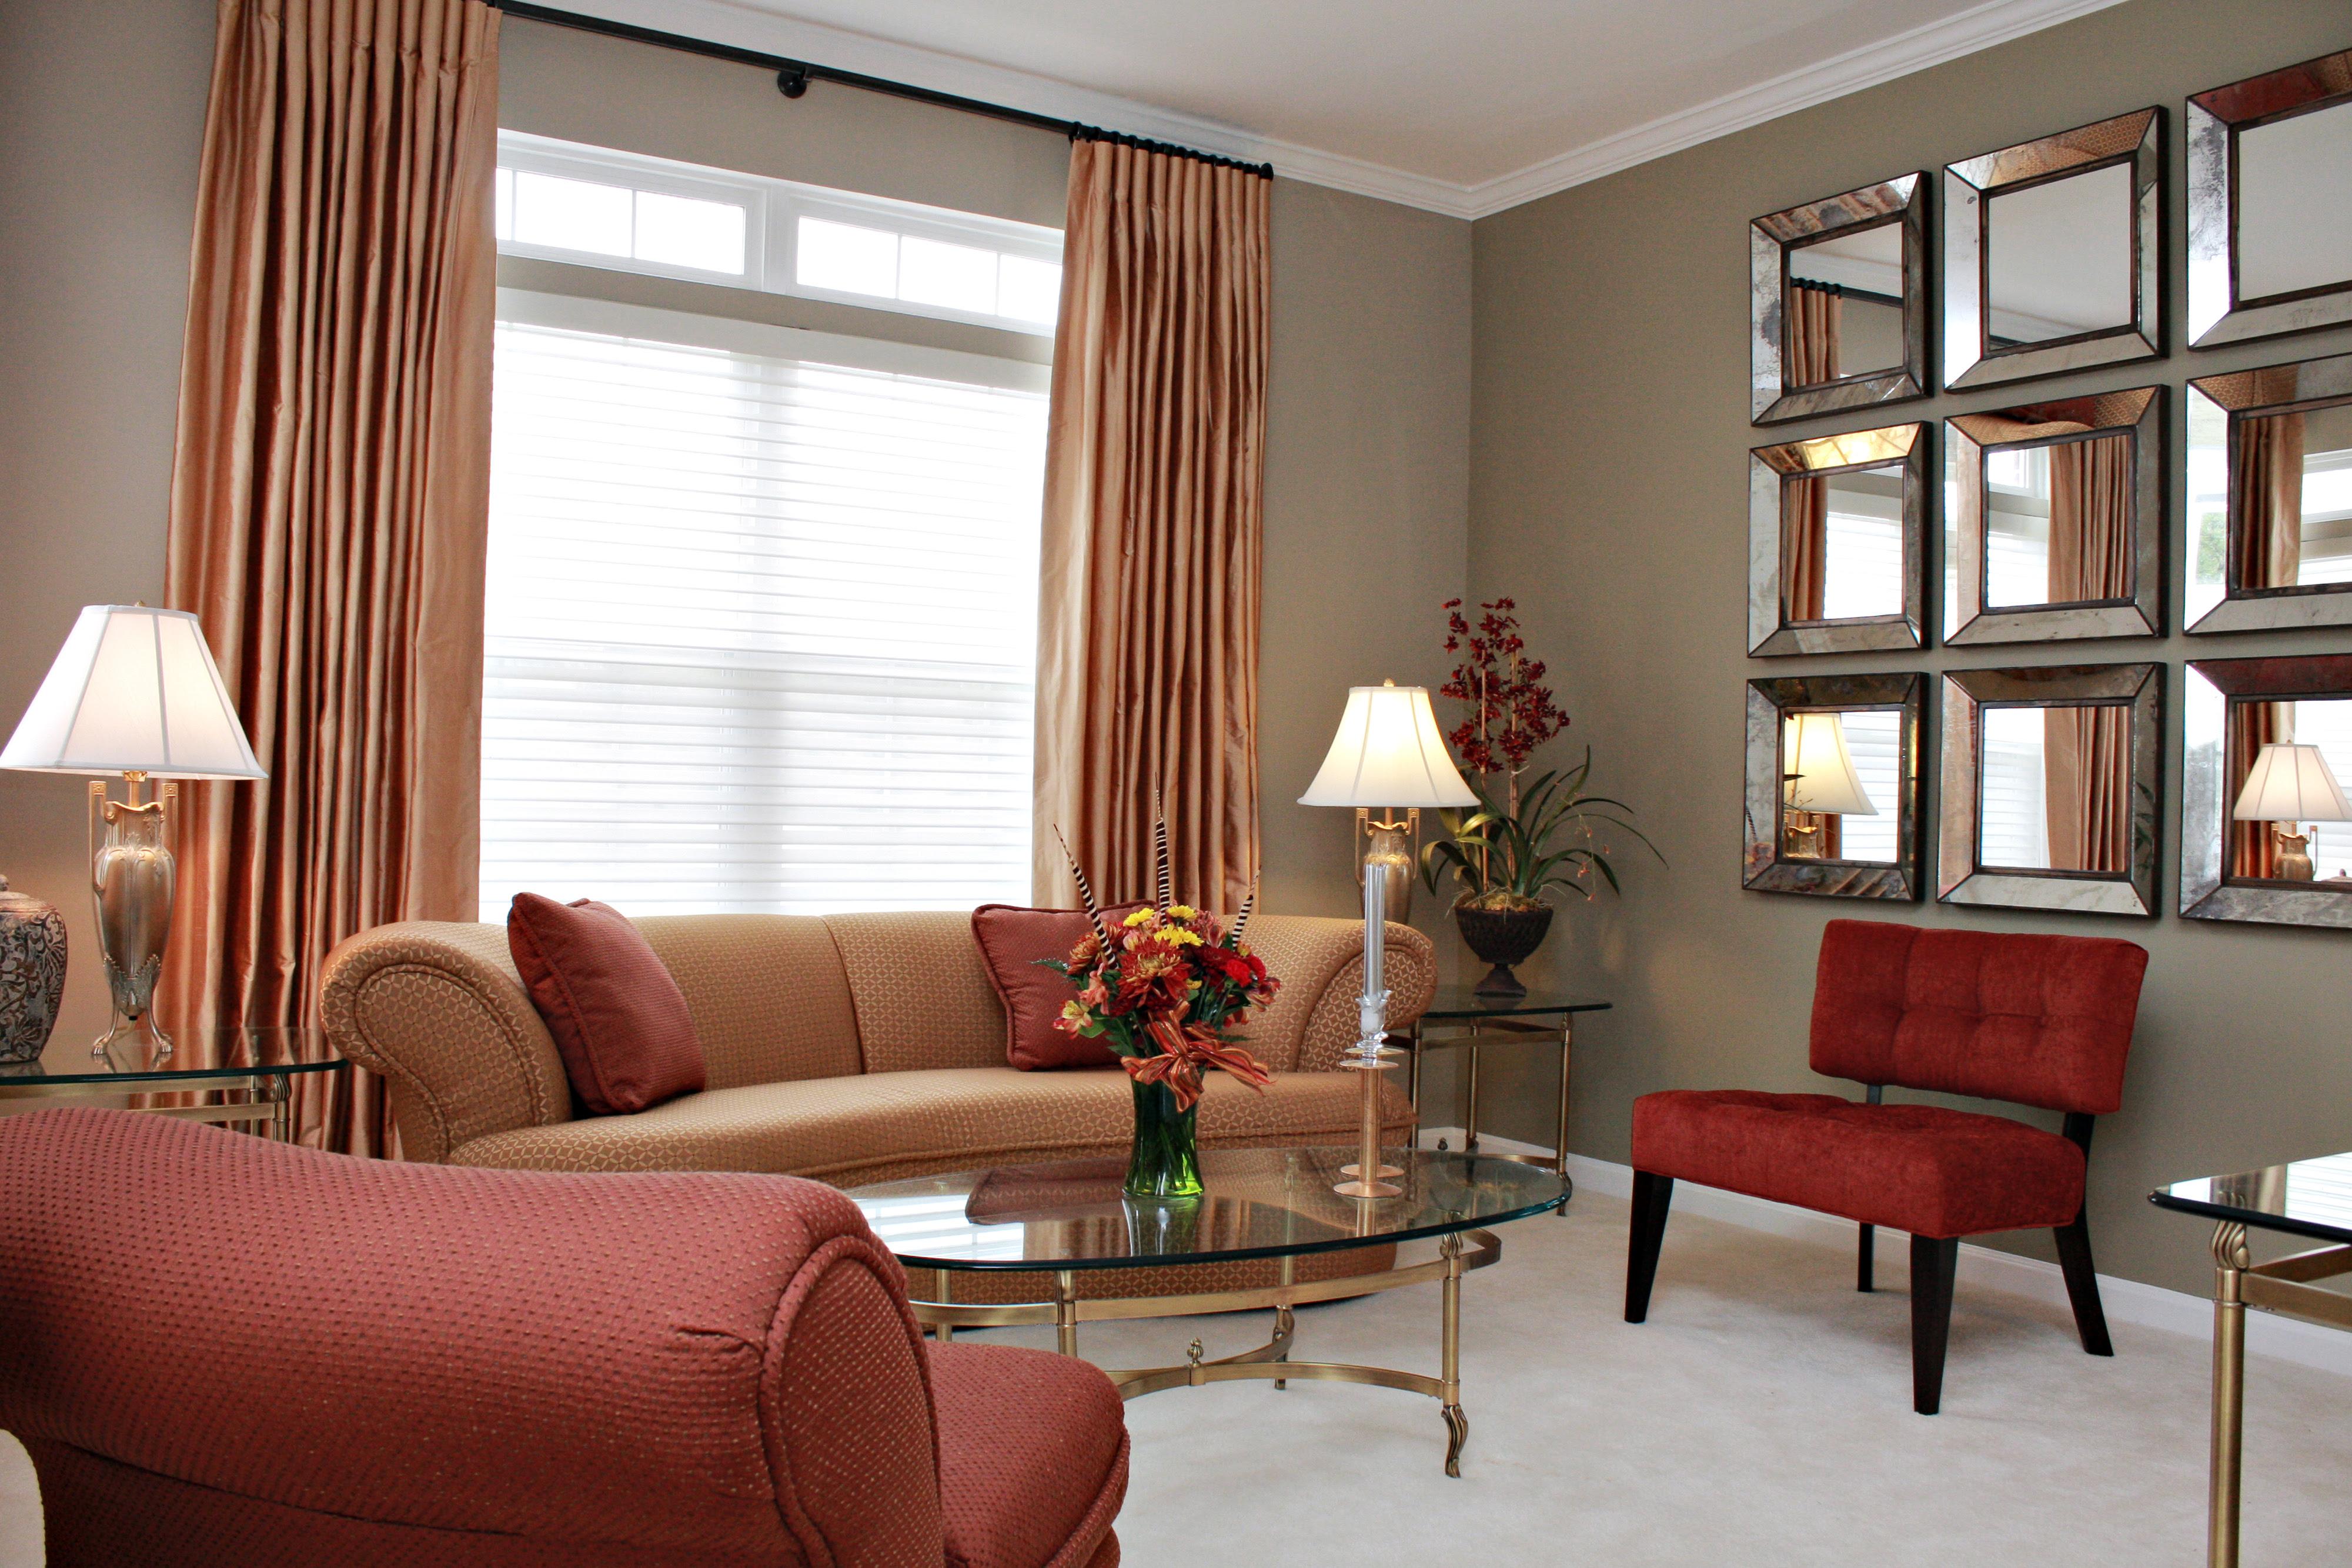 Good Ideas for Living Room Decor Terrific 51 Best Living ...